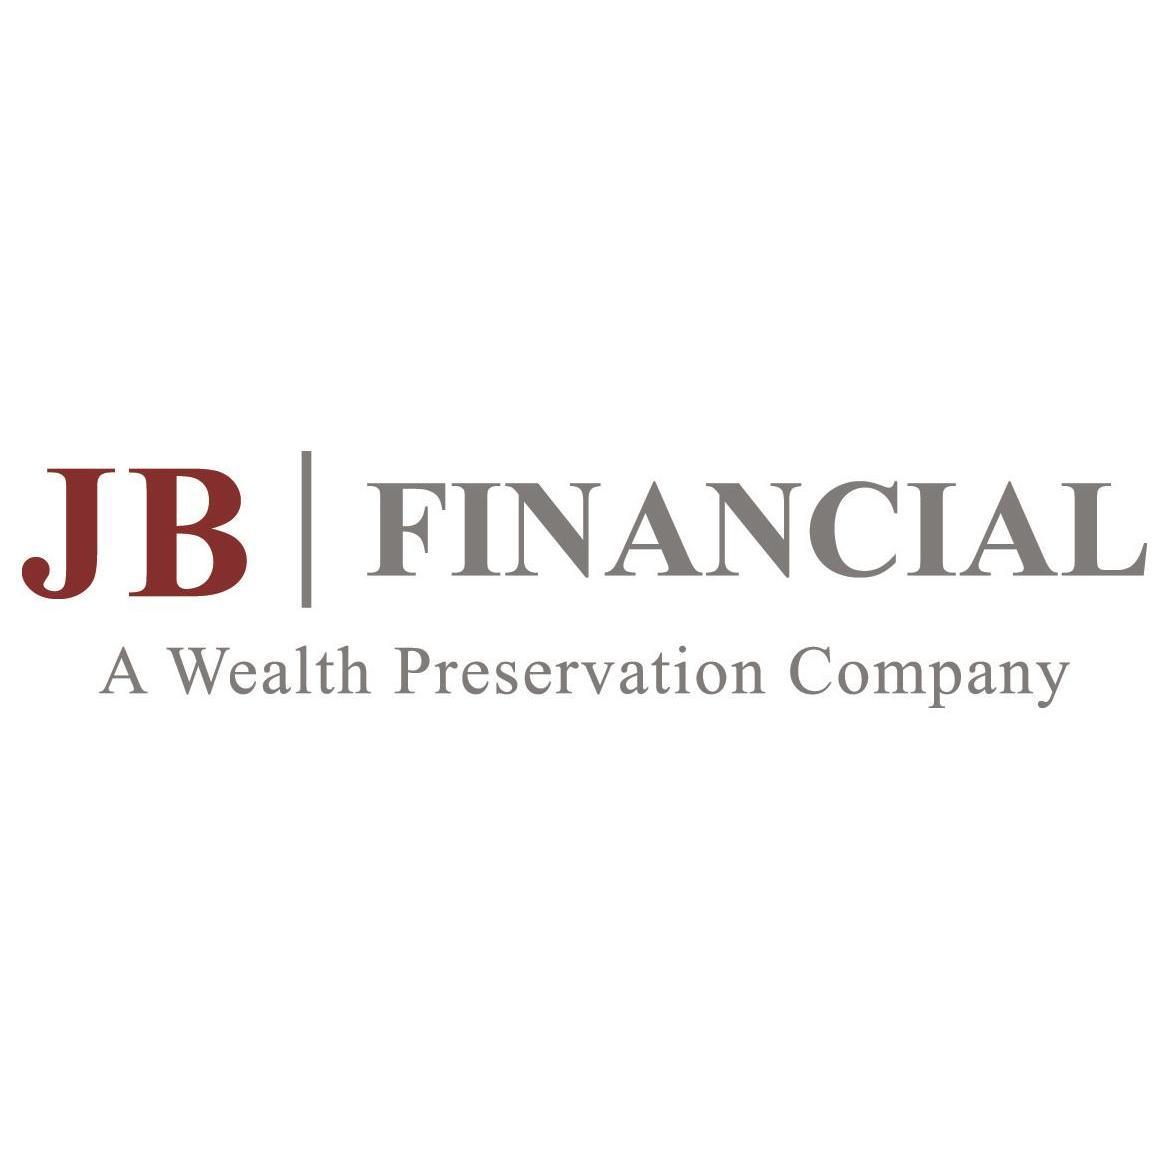 JB Financial